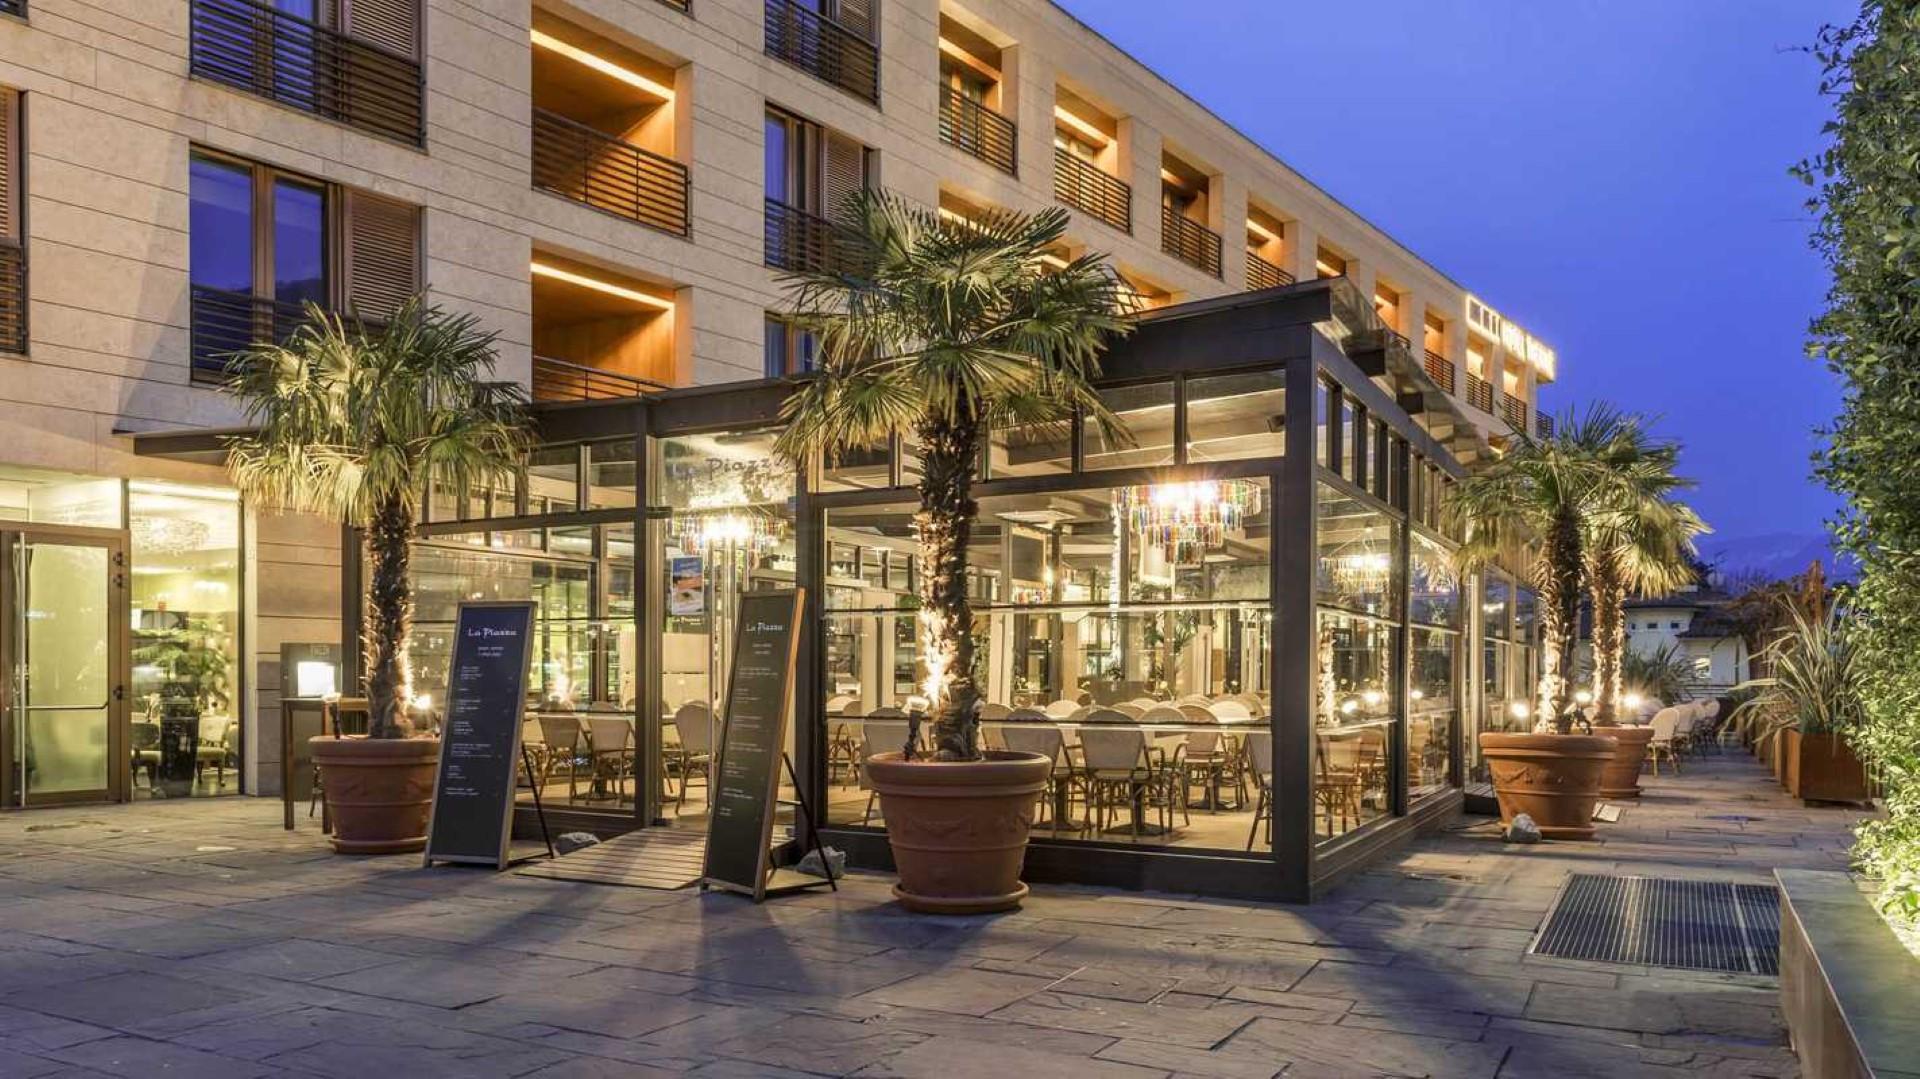 Le terme di merano hotel a lana for Meran design hotel